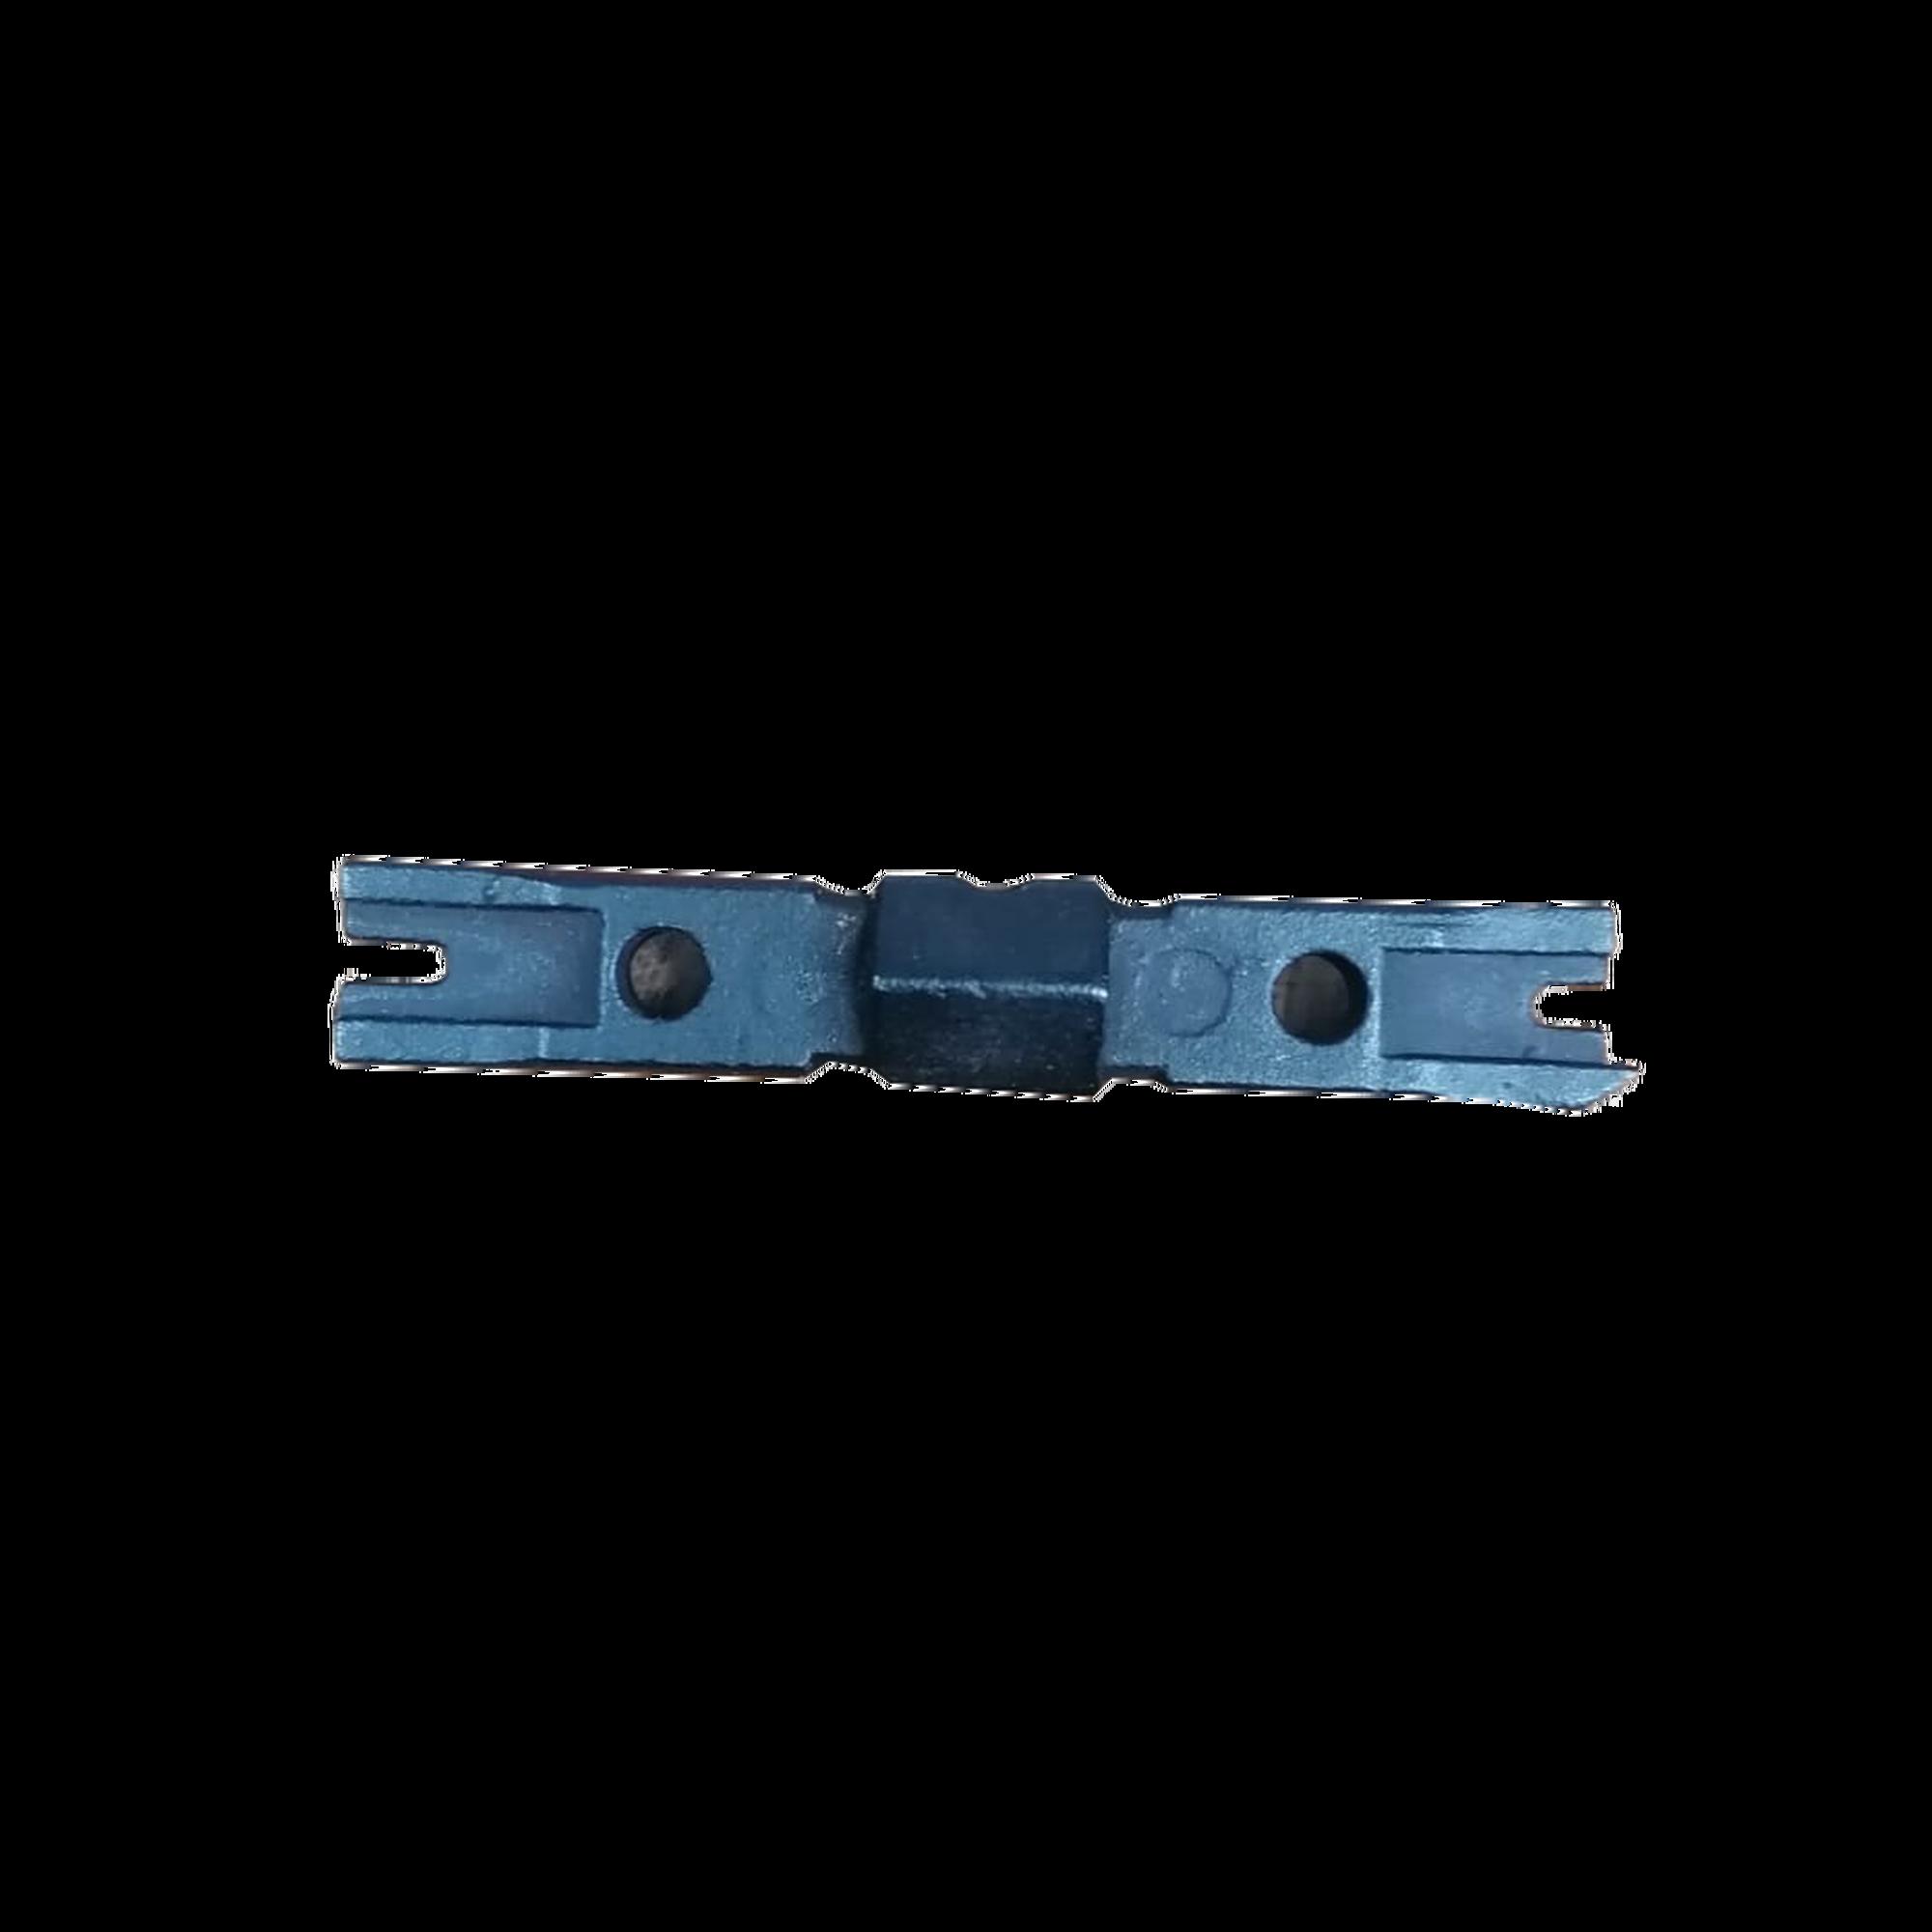 Cuchilla de repuesto para herramienta de impacto modelo EP110 / LPT2022